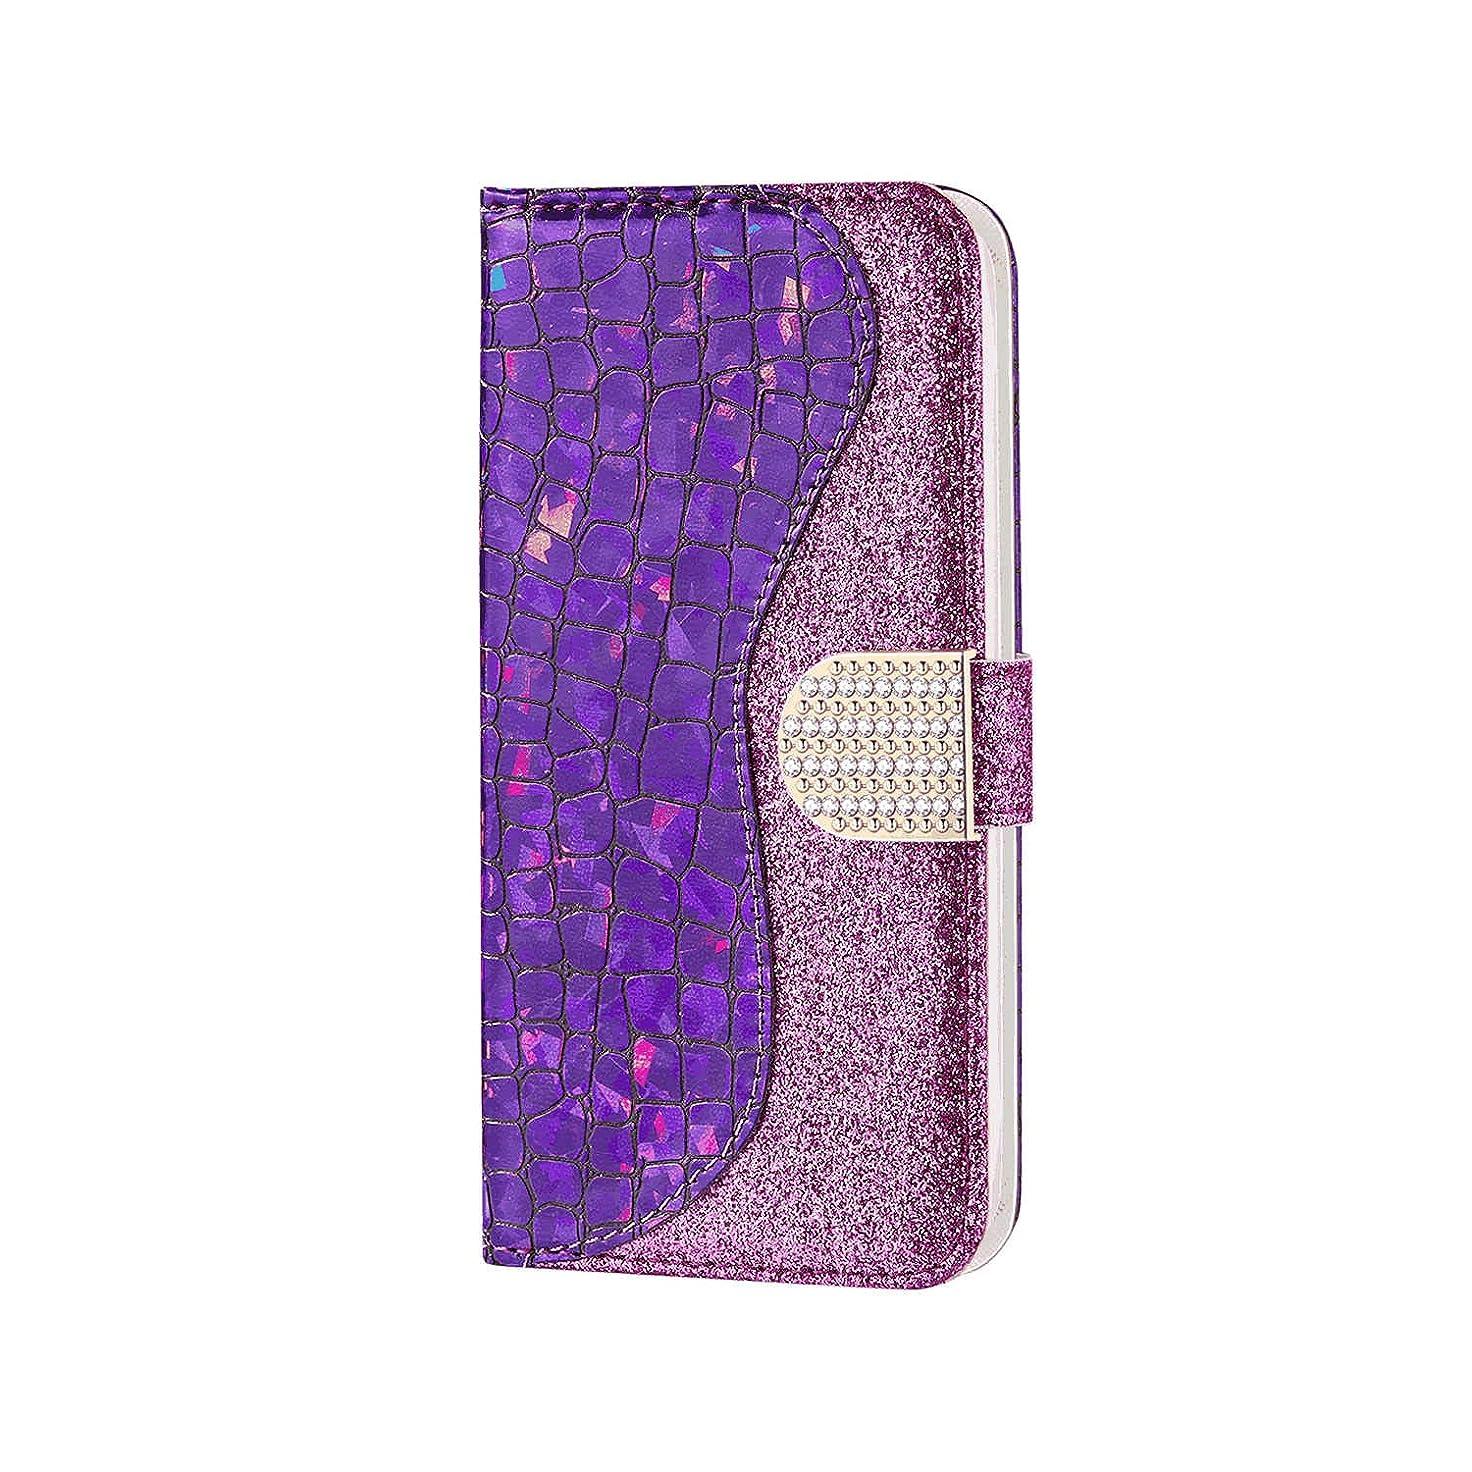 マッシュ用語集コンパスiPhone 7 Plus プラス PUレザー ケース, 手帳型 ケース 本革 高級 ビジネス スマートフォンカバー 財布 カバー収納 手帳型ケース iPhone アイフォン 7 Plus プラス レザーケース